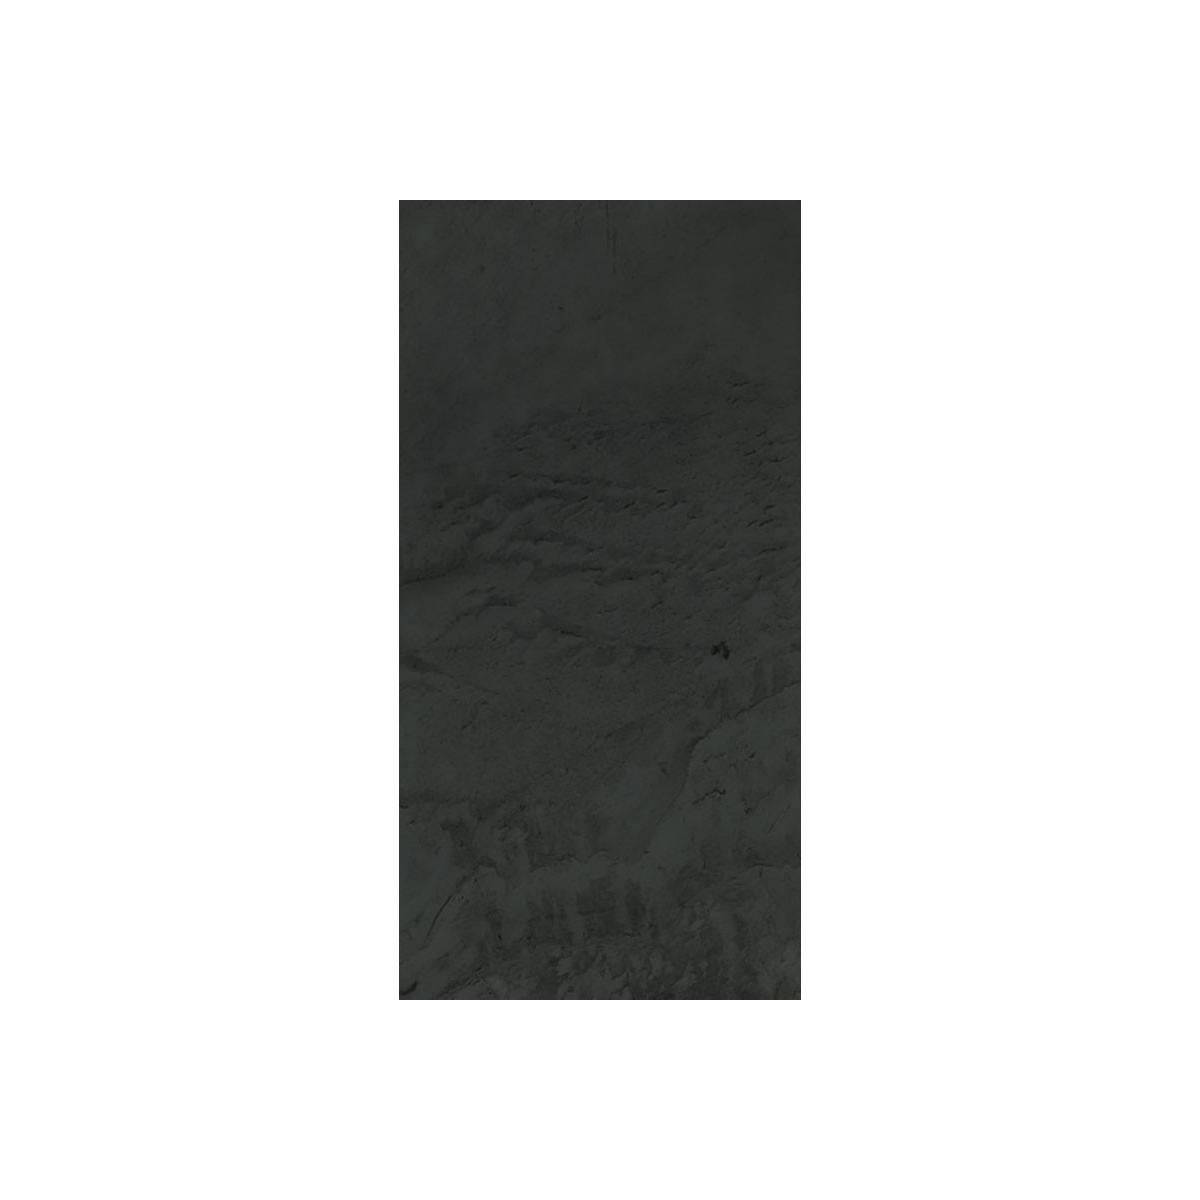 Pizarra natural flexible FT3001 / FS6001 (ud) 0